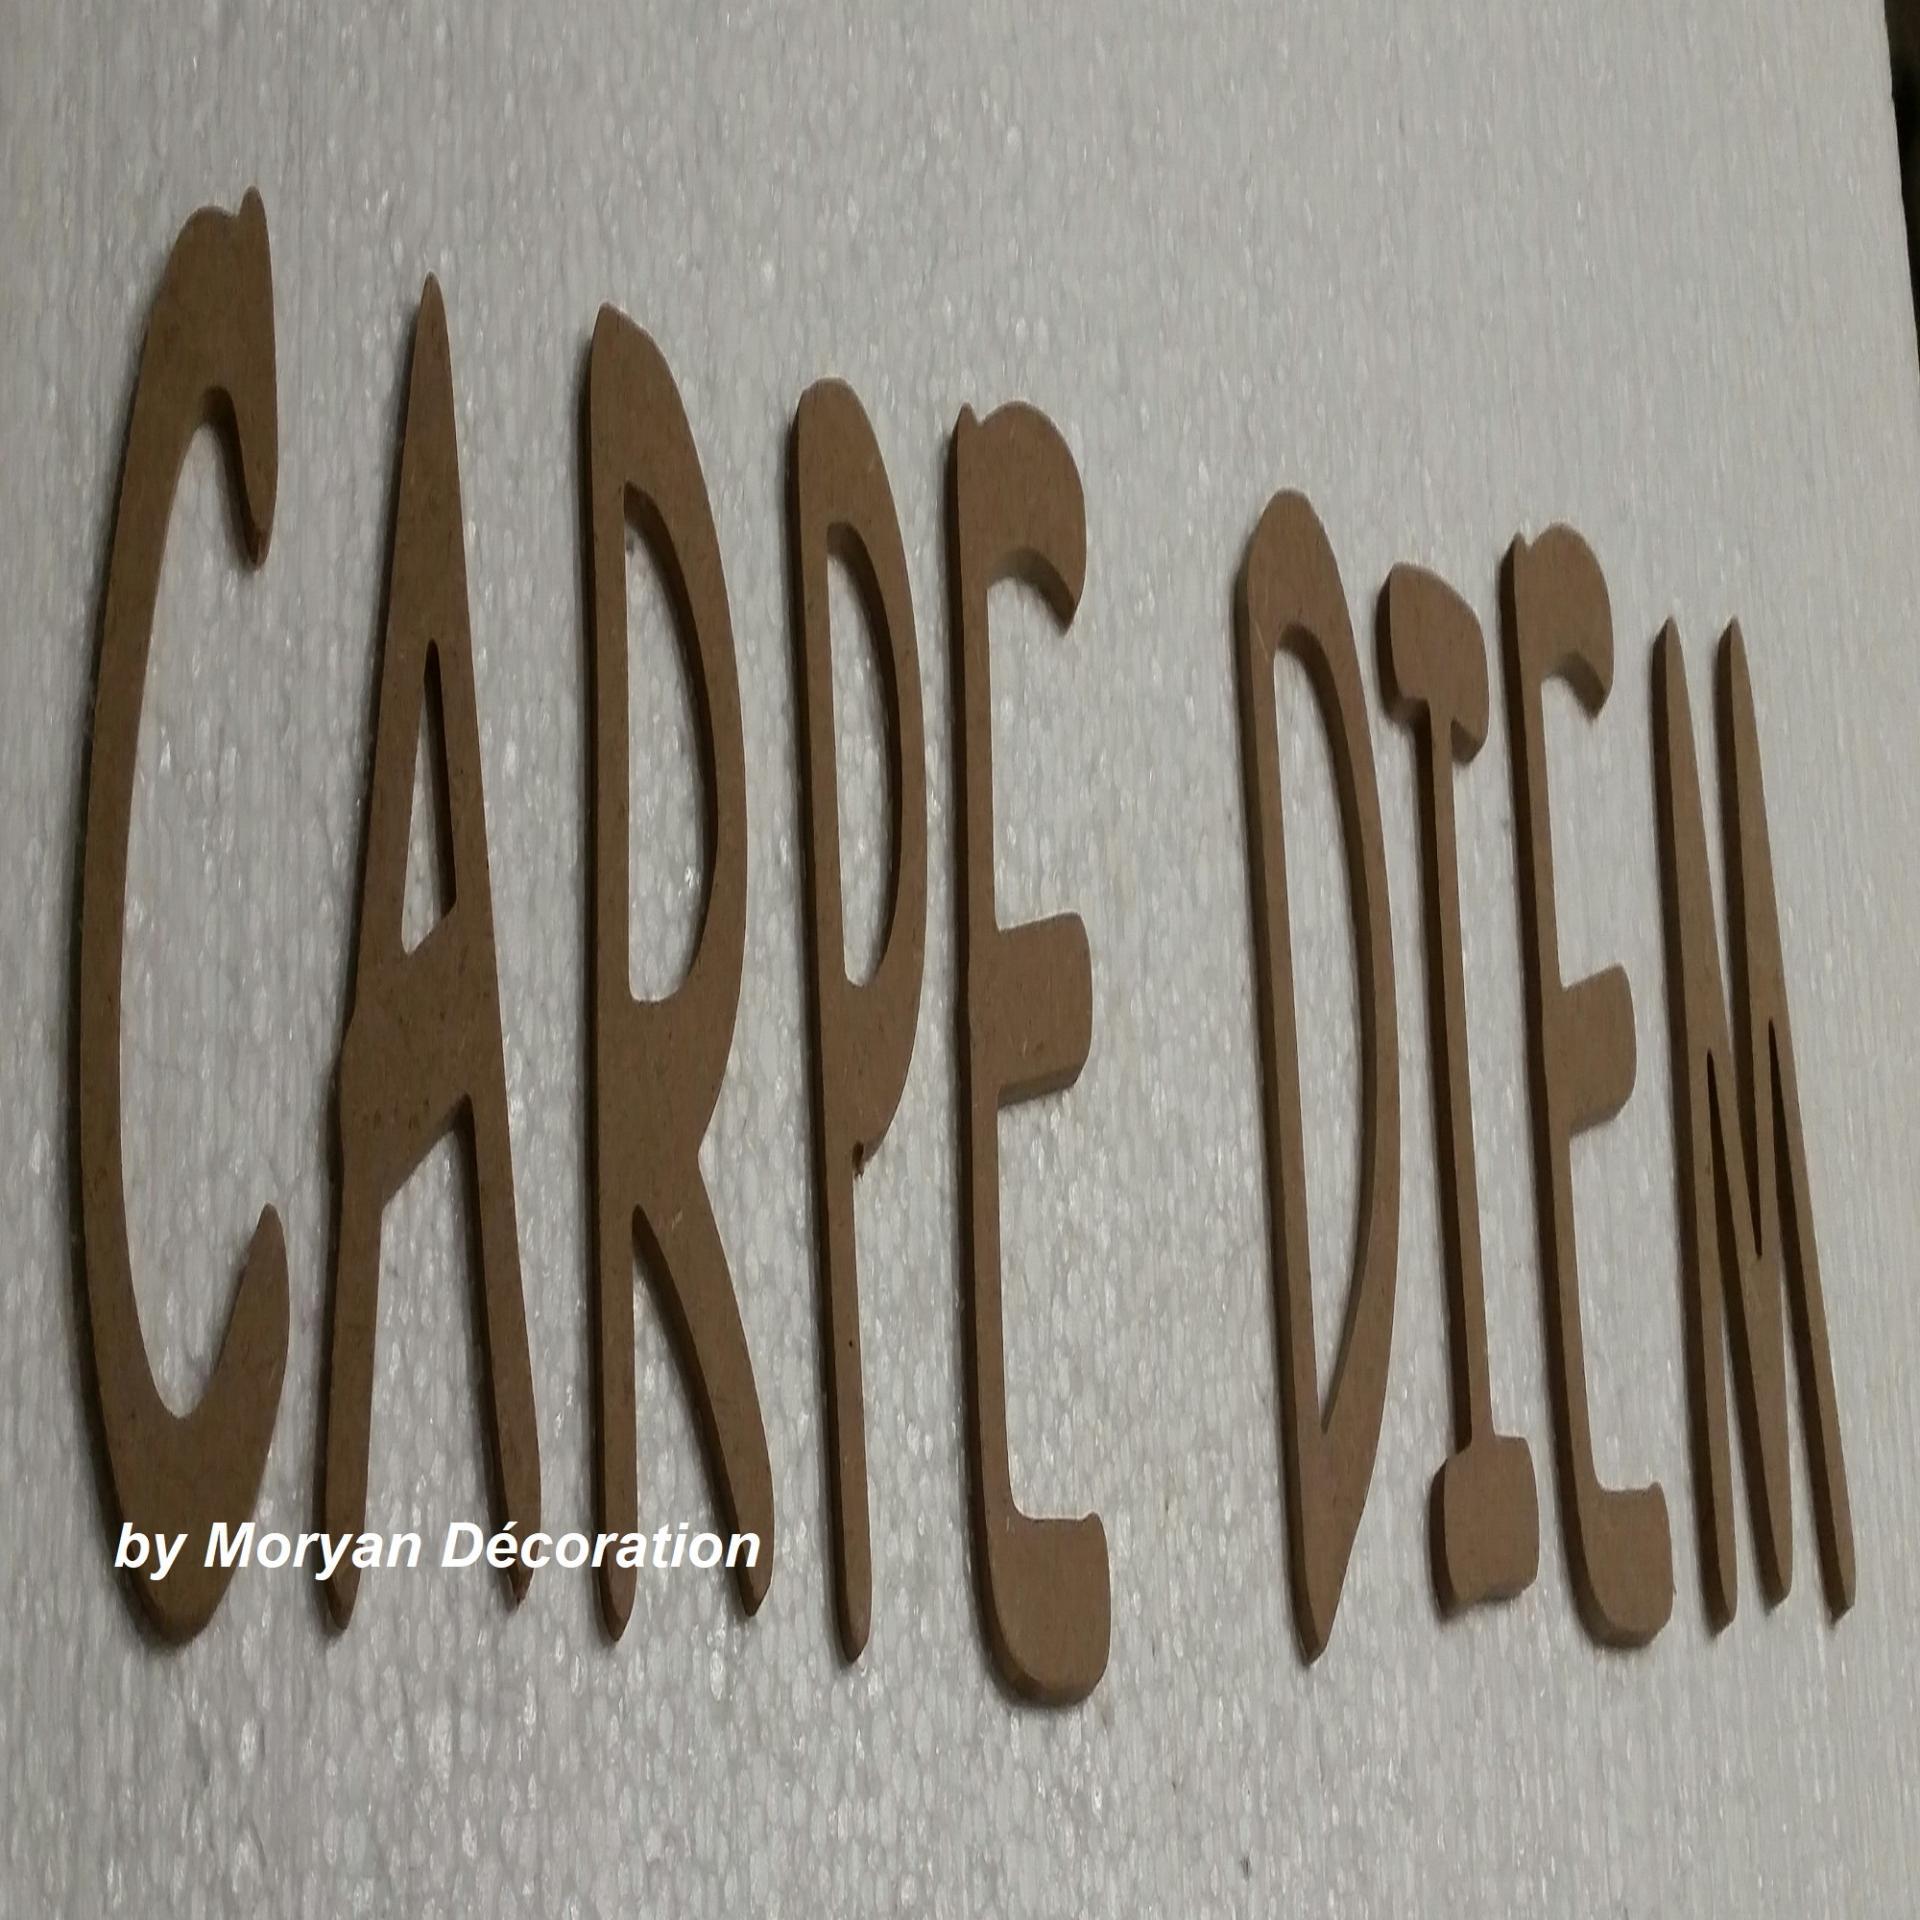 Lettre à décorer carpe diem 20 cm